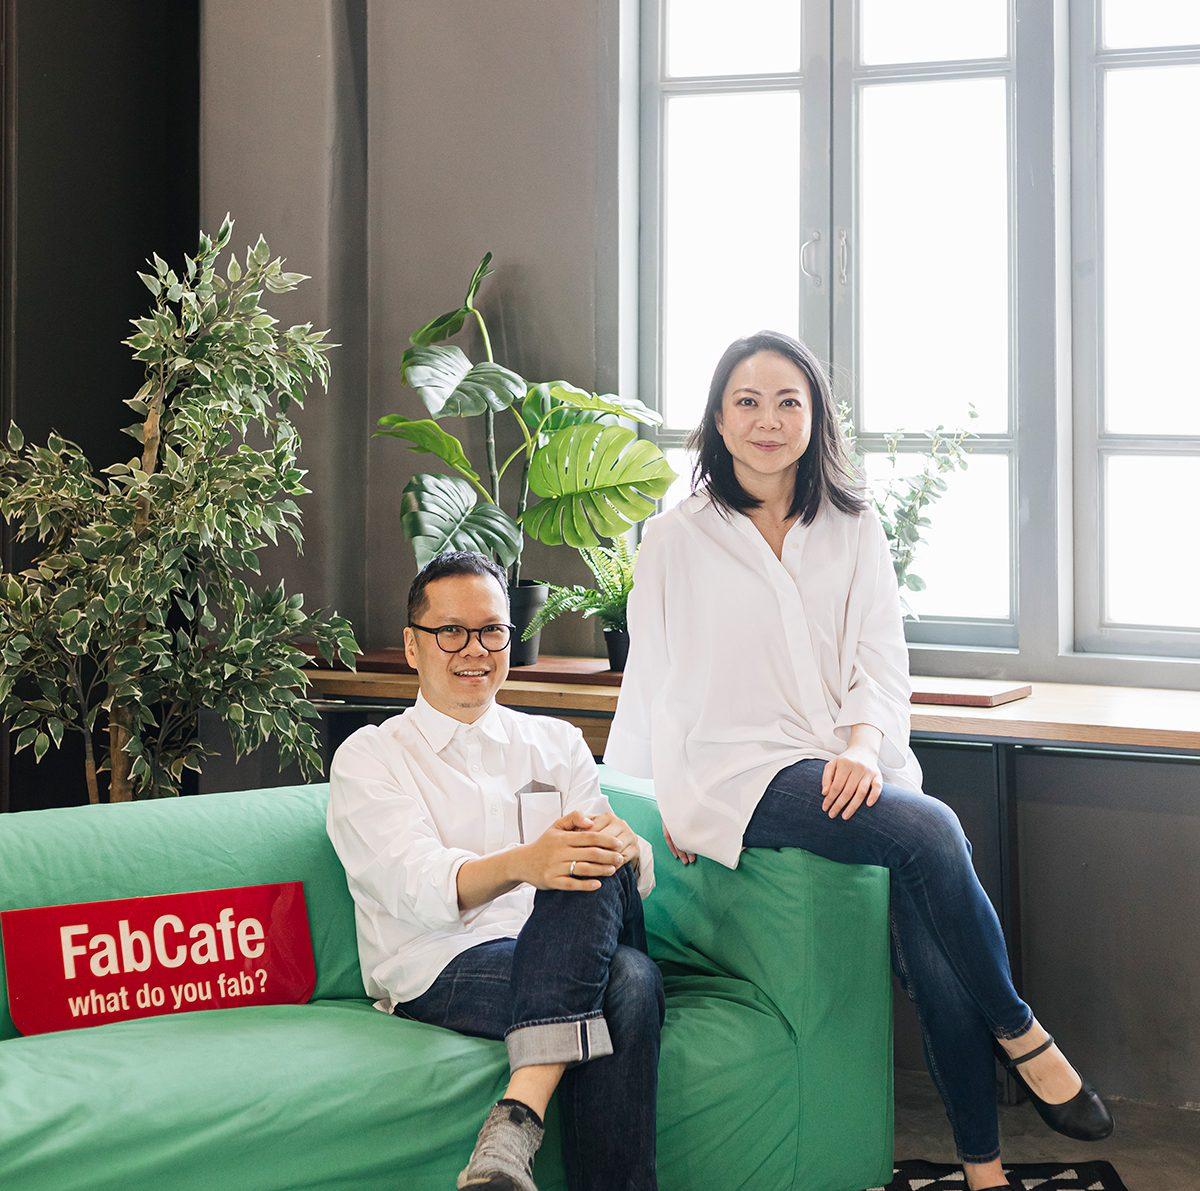 คุยกับ 2 นักออกแบบการเรียนรู้แห่ง FabCafe ผู้อยู่เบื้องหลังการปลดล็อคศักยภาพเยาวชนในศตวรรษที่ 21